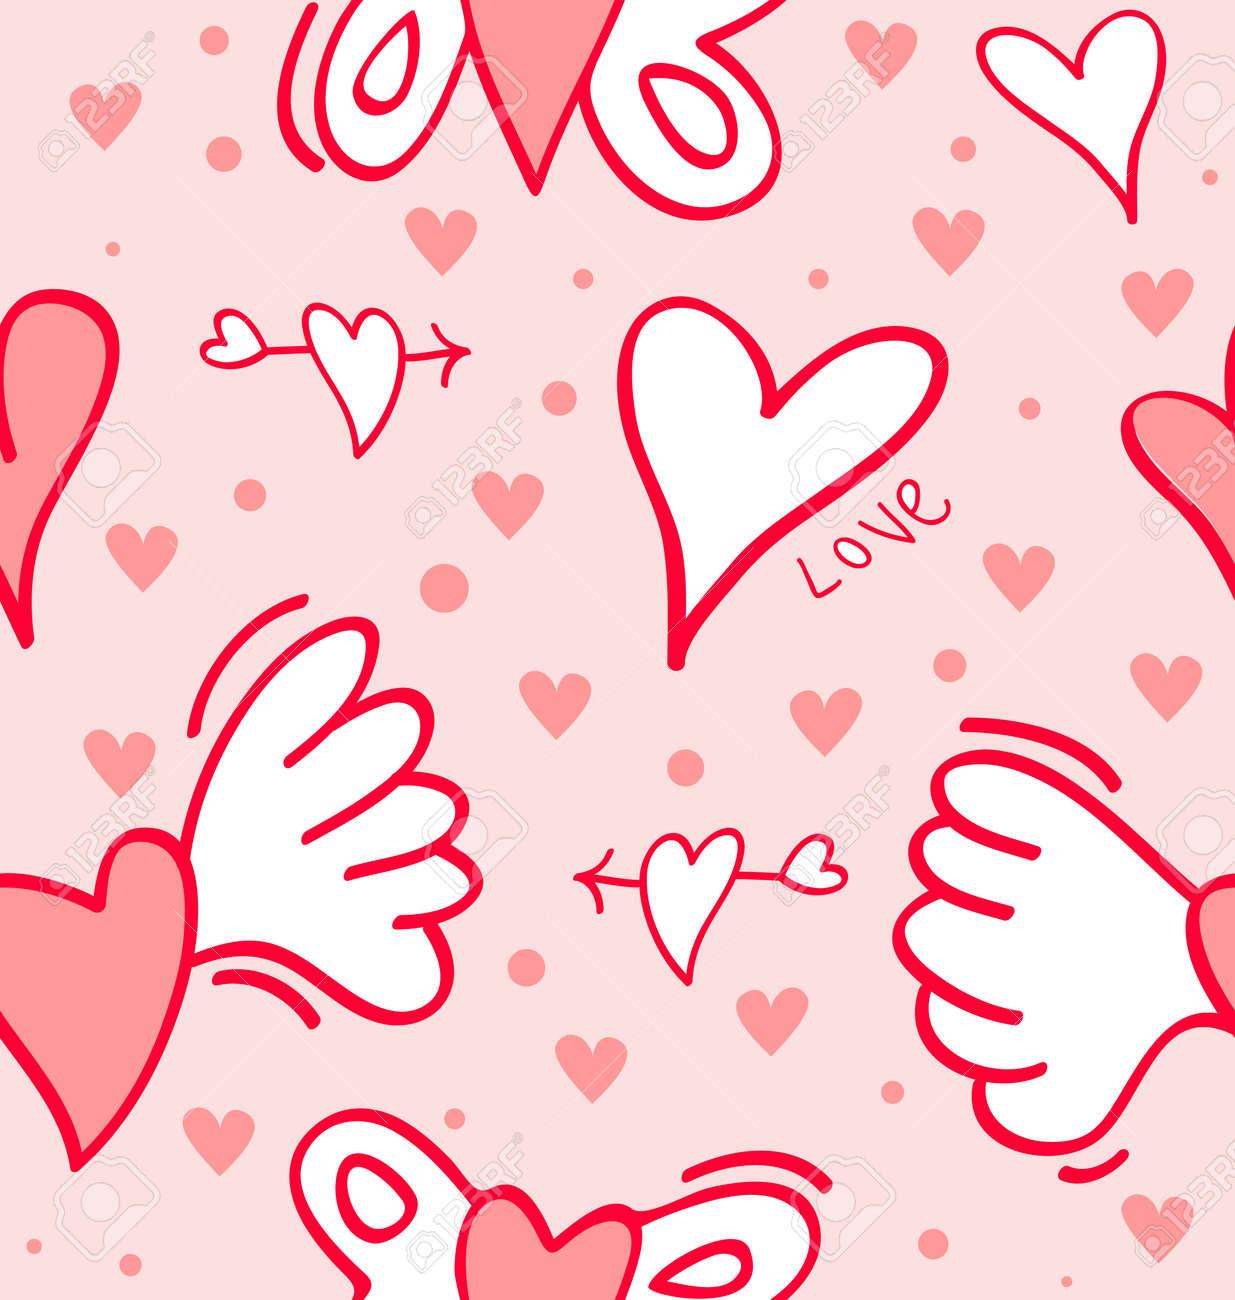 Ziemlich Geflügelt Roten Herzen Auf Einem Rosa Feld Für V-Day ...